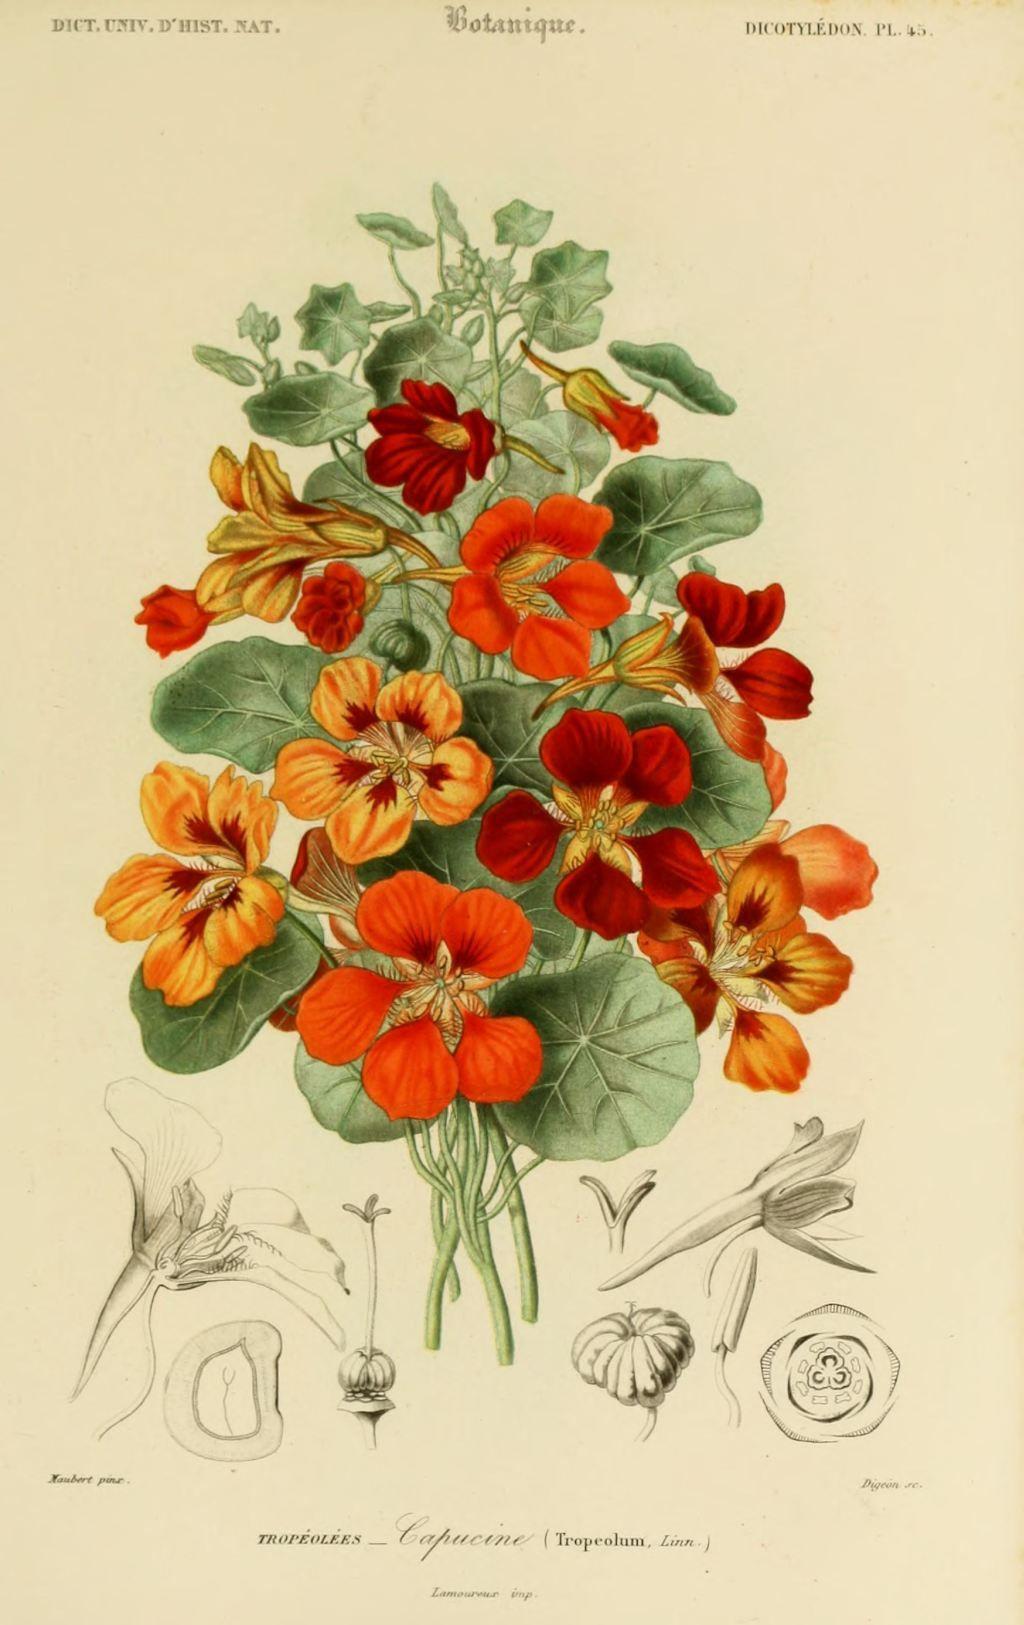 Img dessins couleur fleurs dessin botanique de fleur 0141 capucine botanic - Coloriage fleur capucine ...